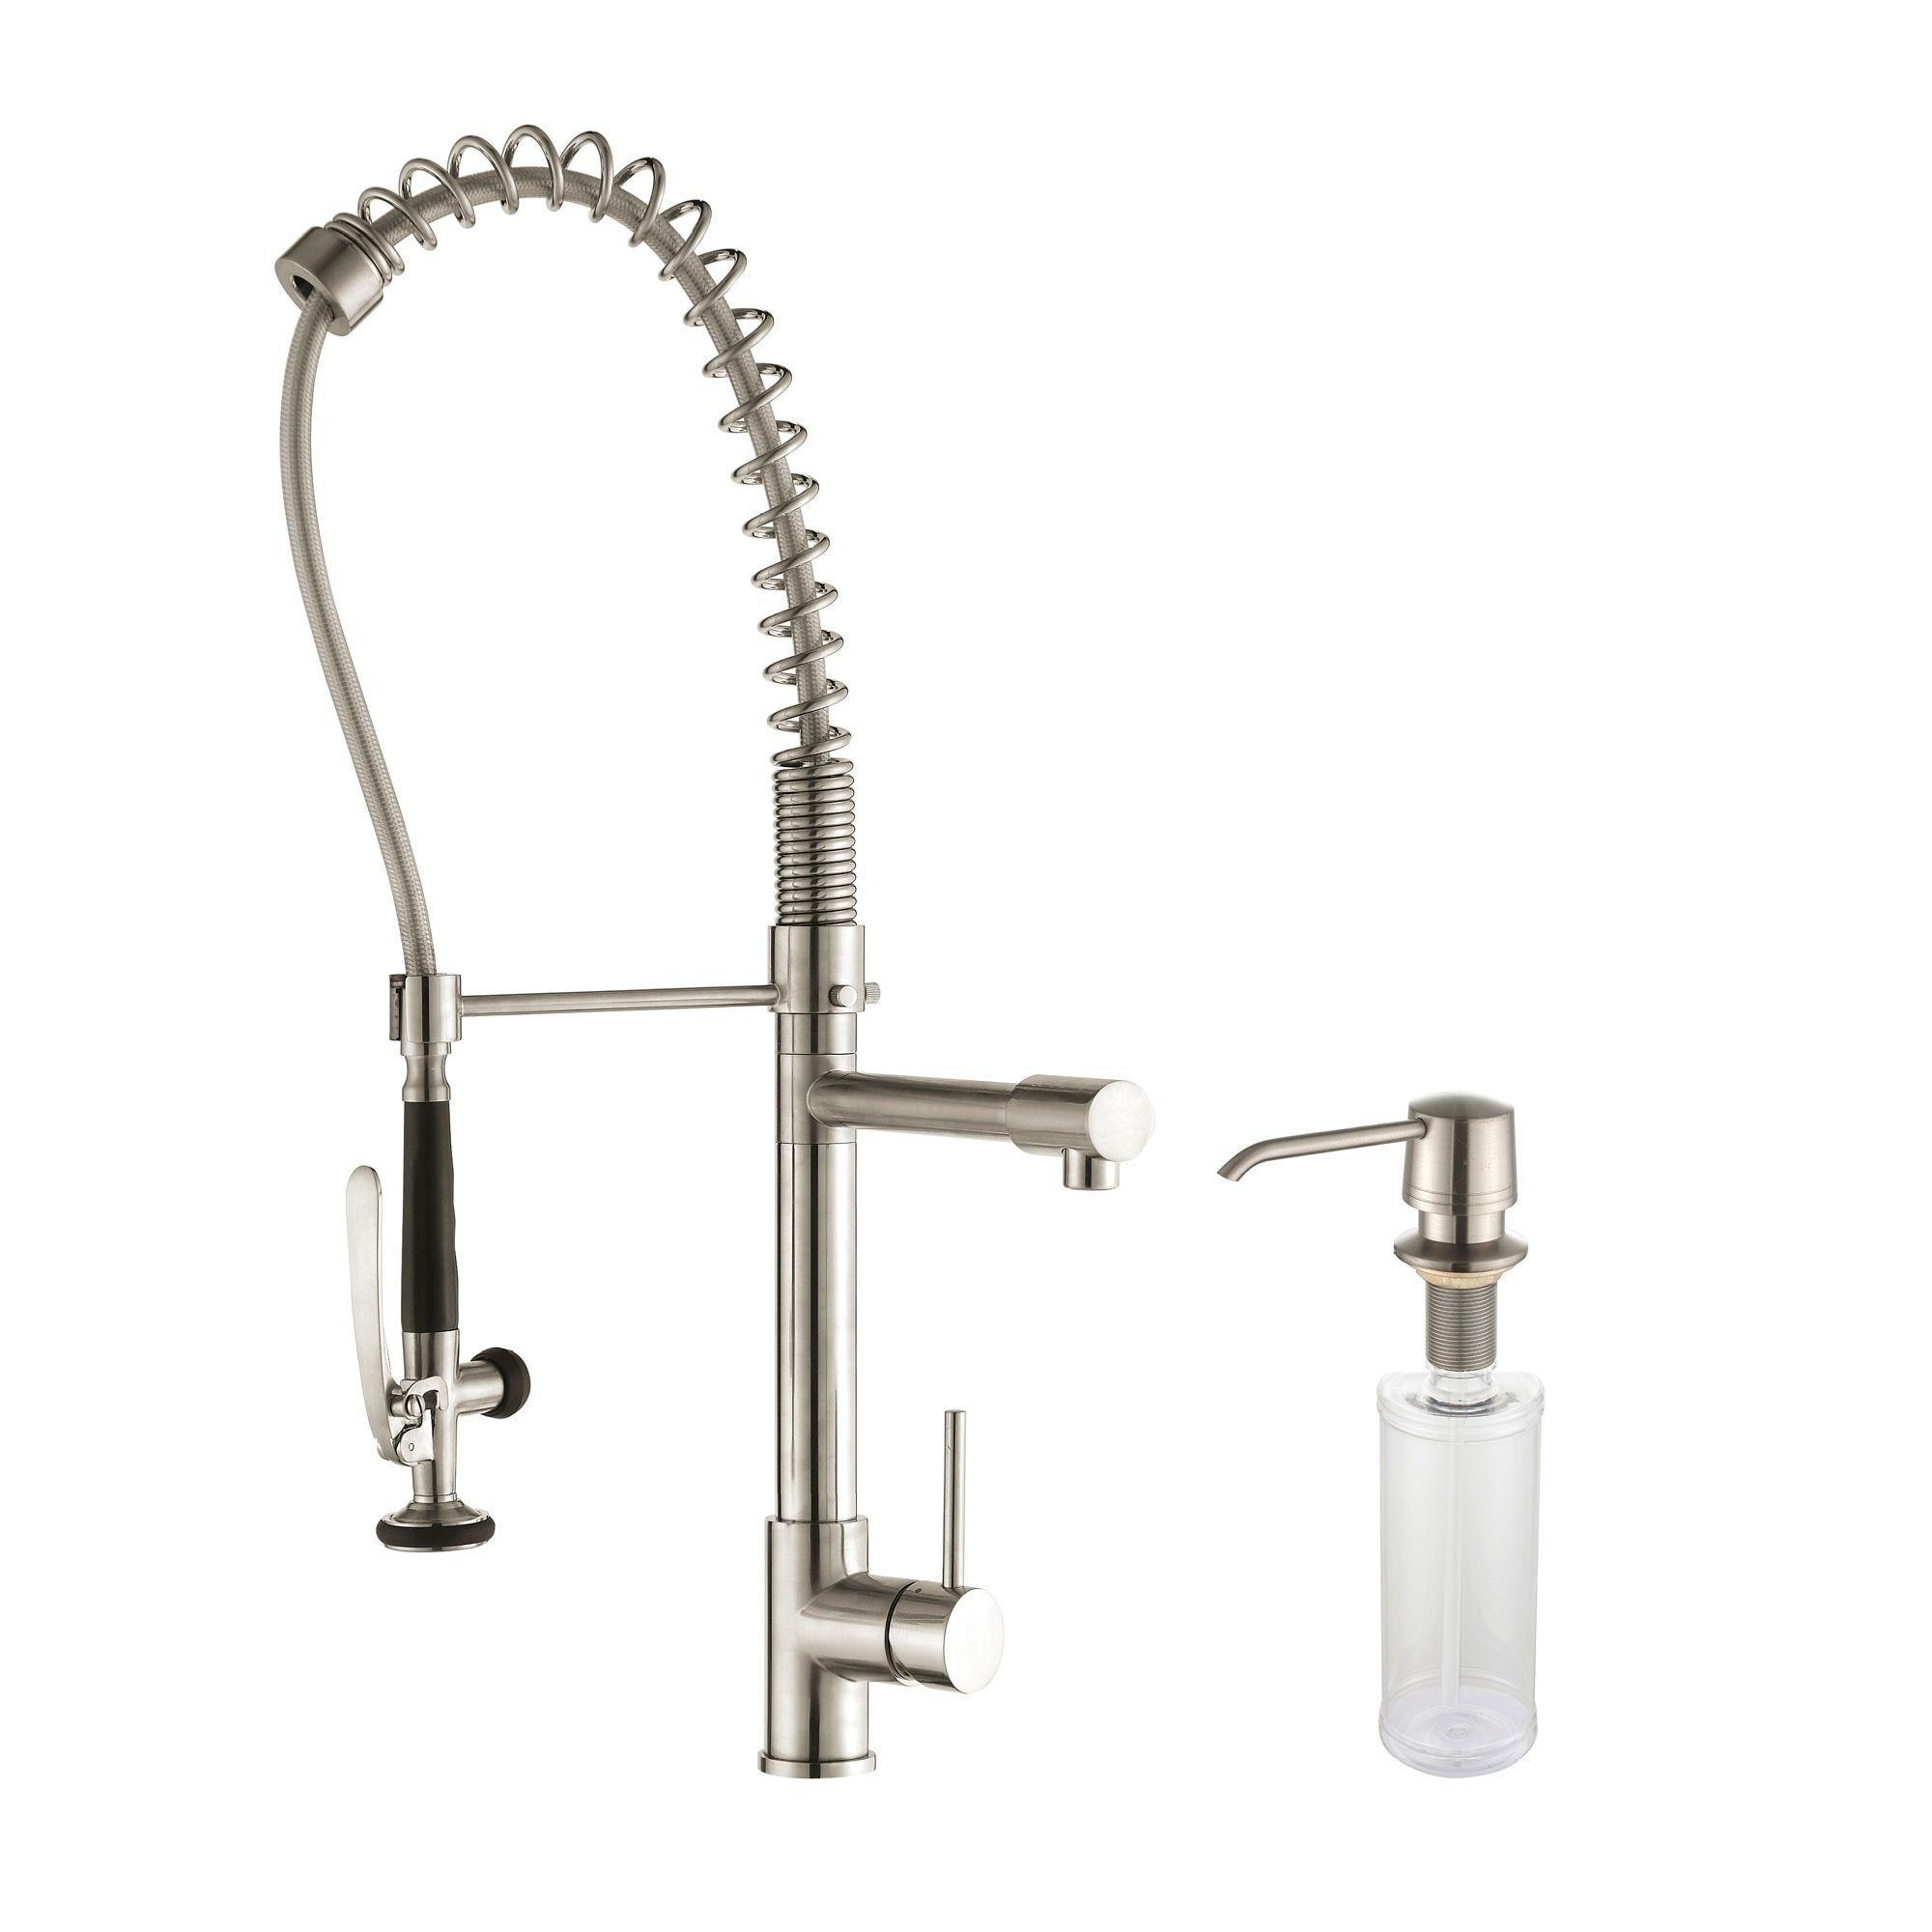 KRAUS Undermount Double Bowl Stainless Steel Kitchen Sink